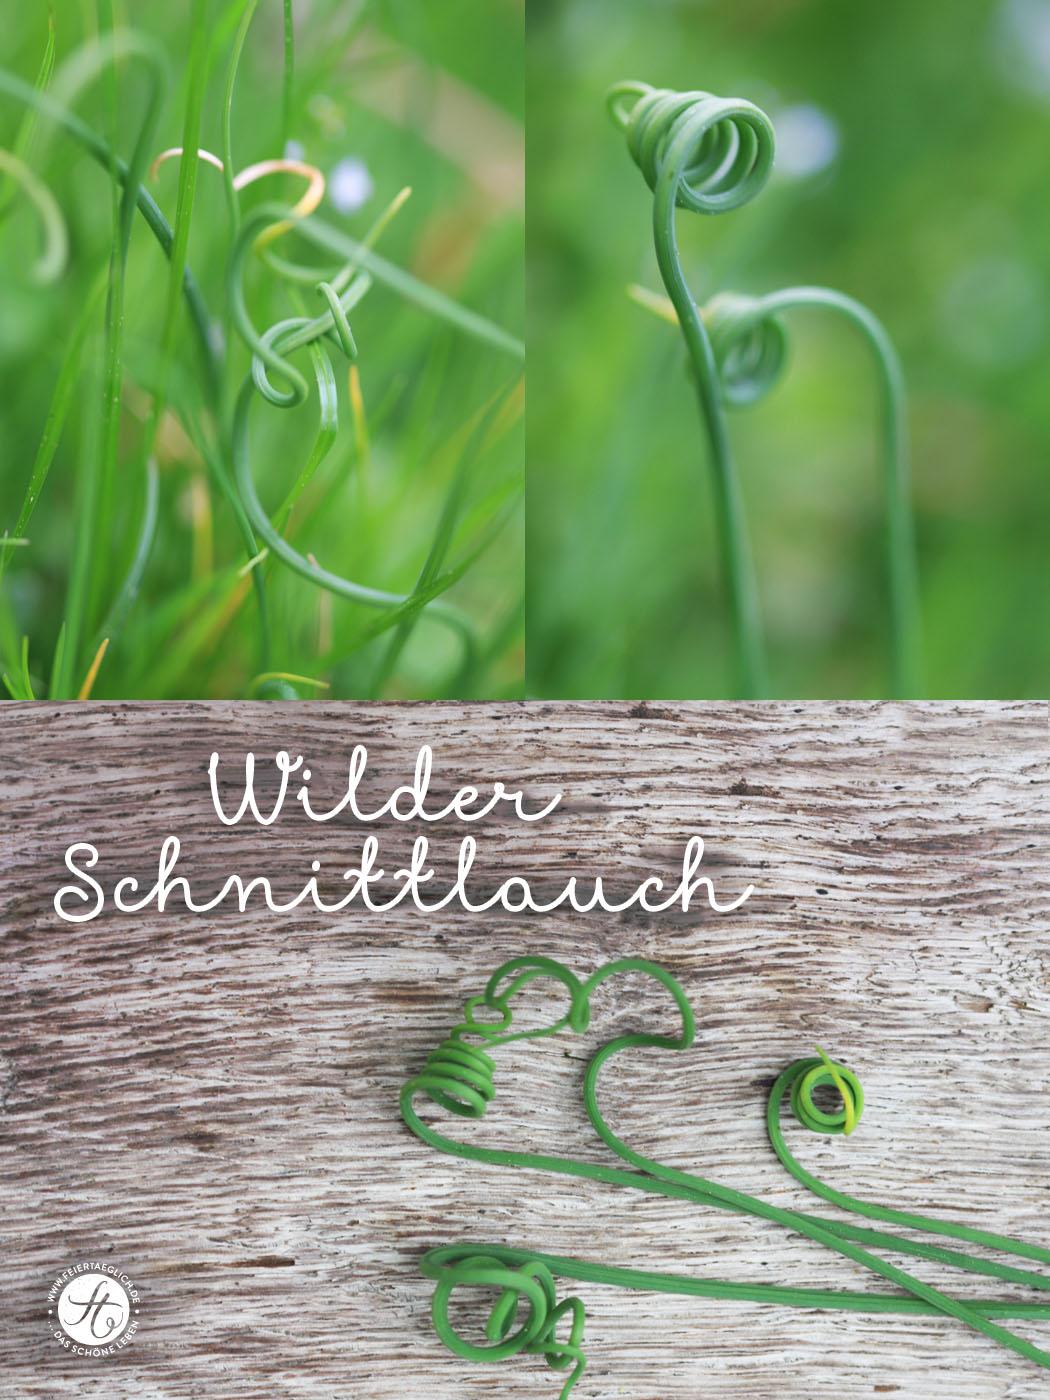 wildkraeuter_schnittlauch